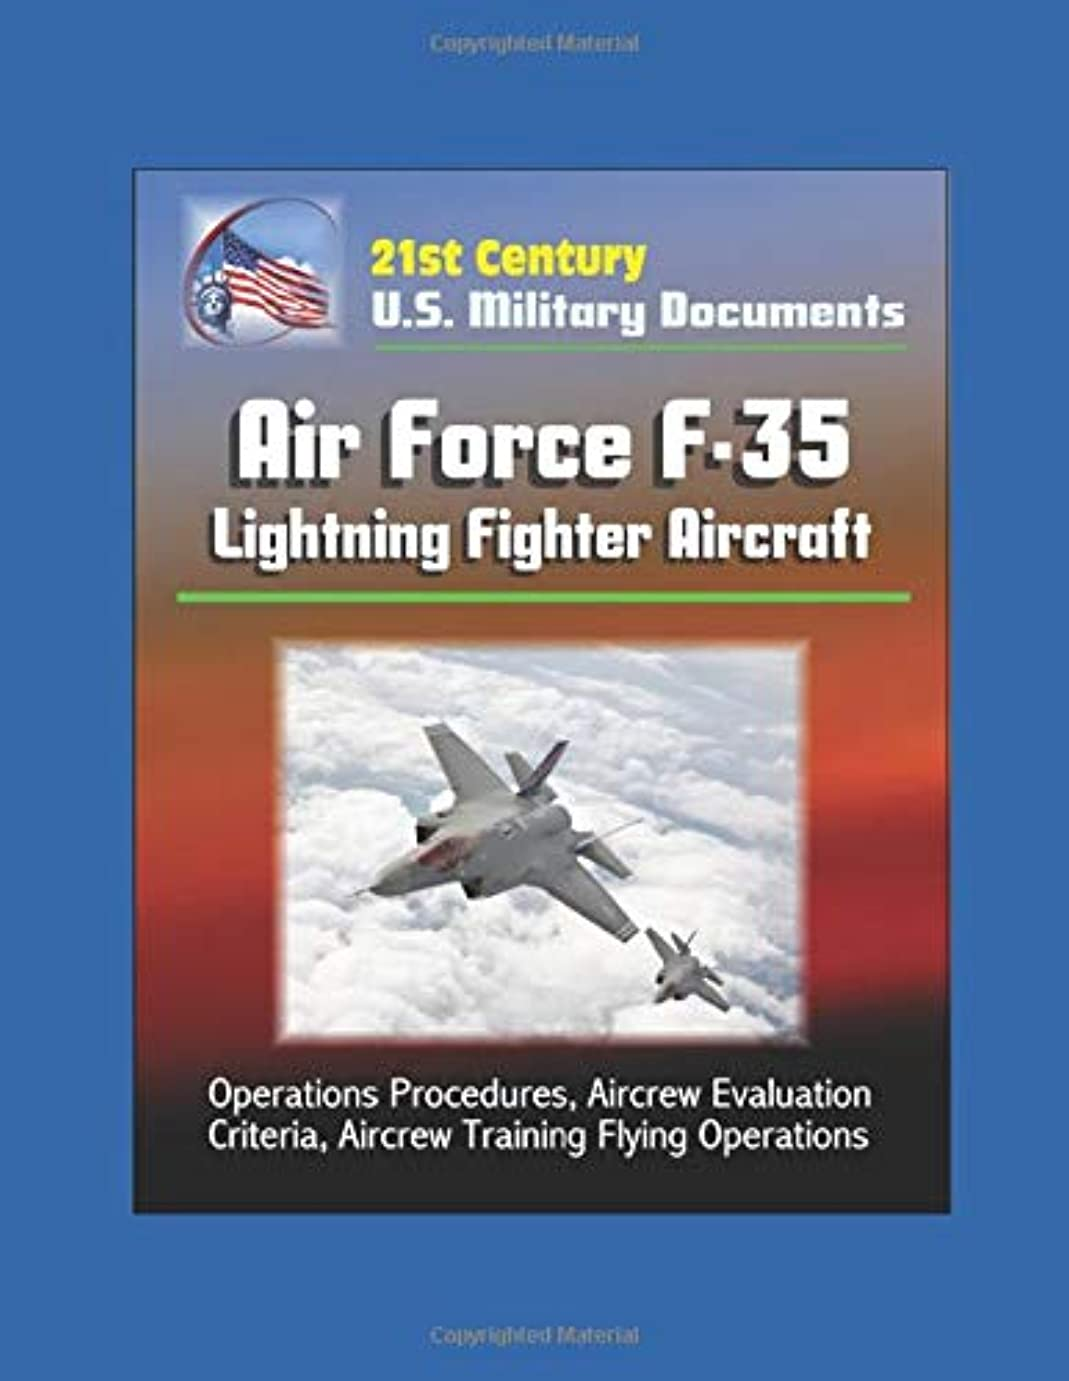 誤延ばす調和21st Century U.S. Military Documents: Air Force F-35 Lightning Fighter Aircraft - Operations Procedures, Aircrew Evaluation Criteria, Aircrew Training Flying Operations